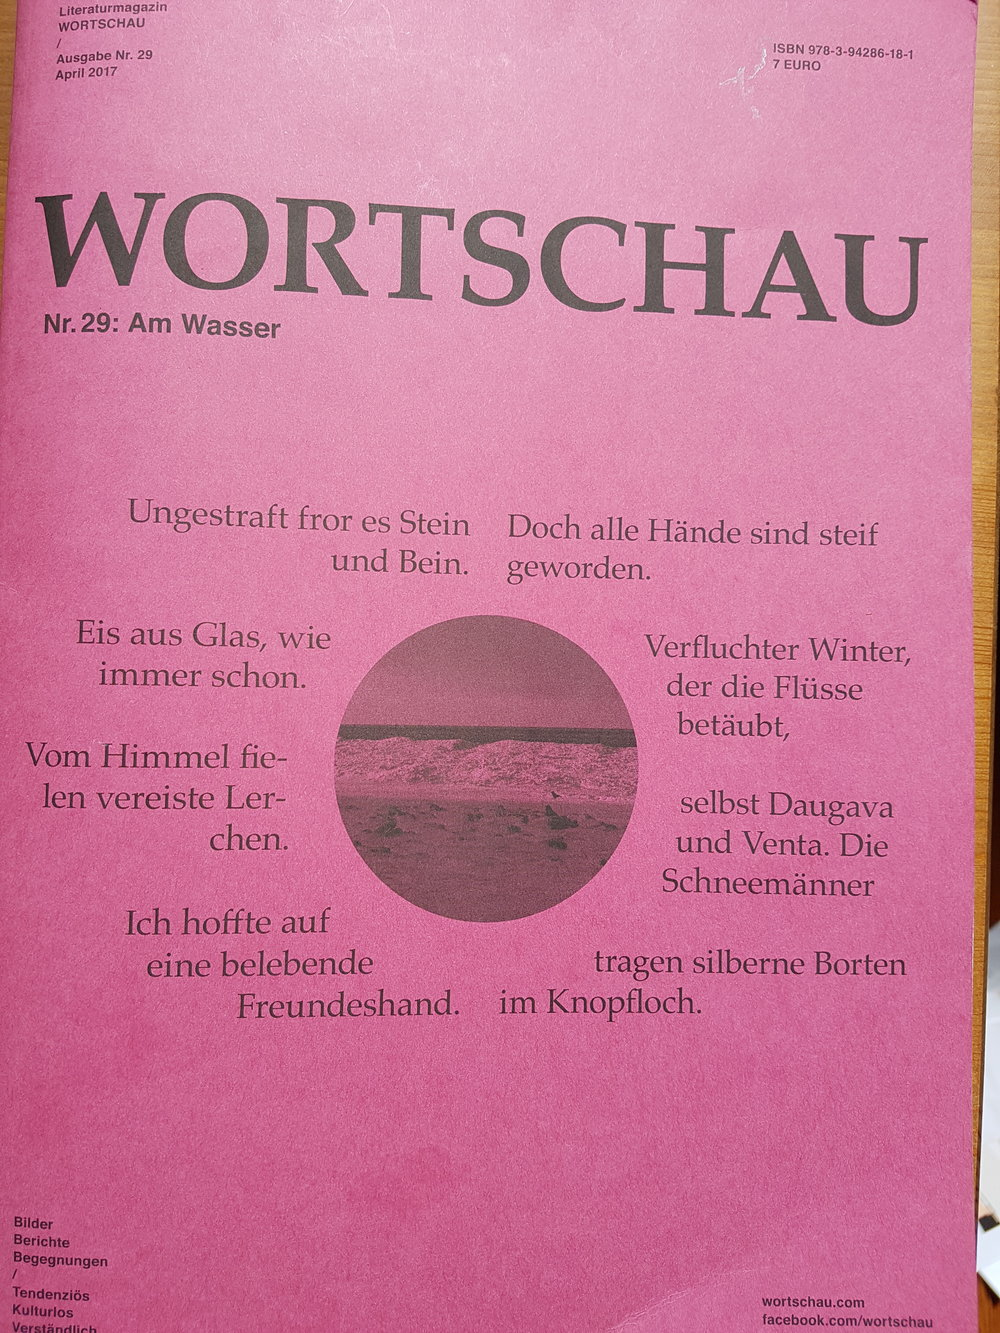 Wortschau_29.jpg